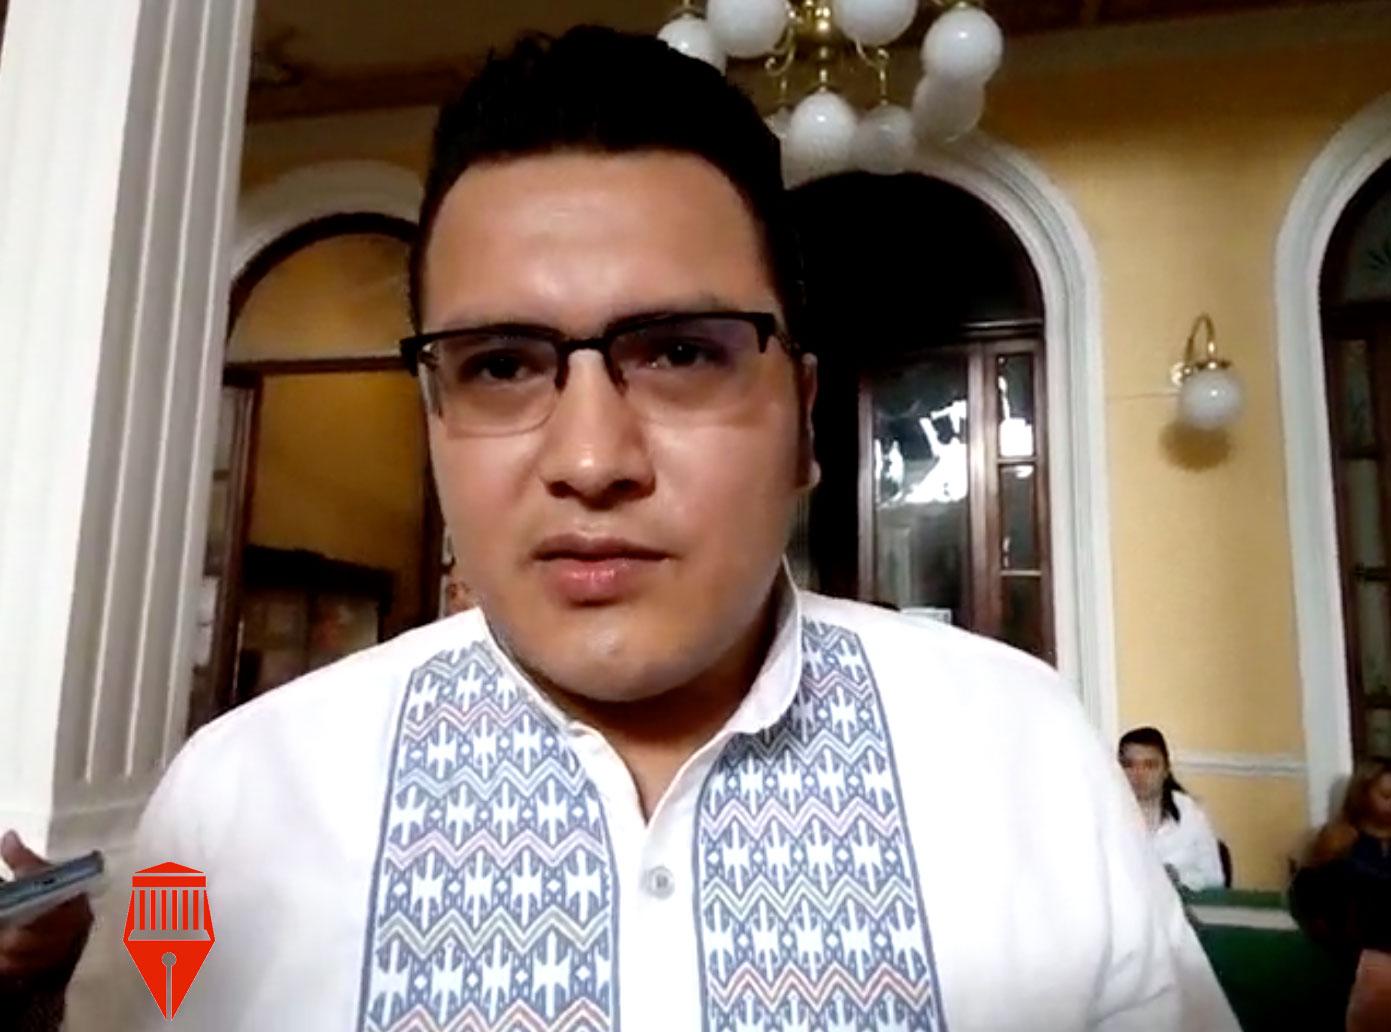 El Consejero del Organismo Público Local Electoral (OPLE) de Veracruz, Roberto López Pérez aseveró que para el 2020 el presupuesto que soporten sea incluso mayor al de este año que fue de más de 600 millones de pesos.